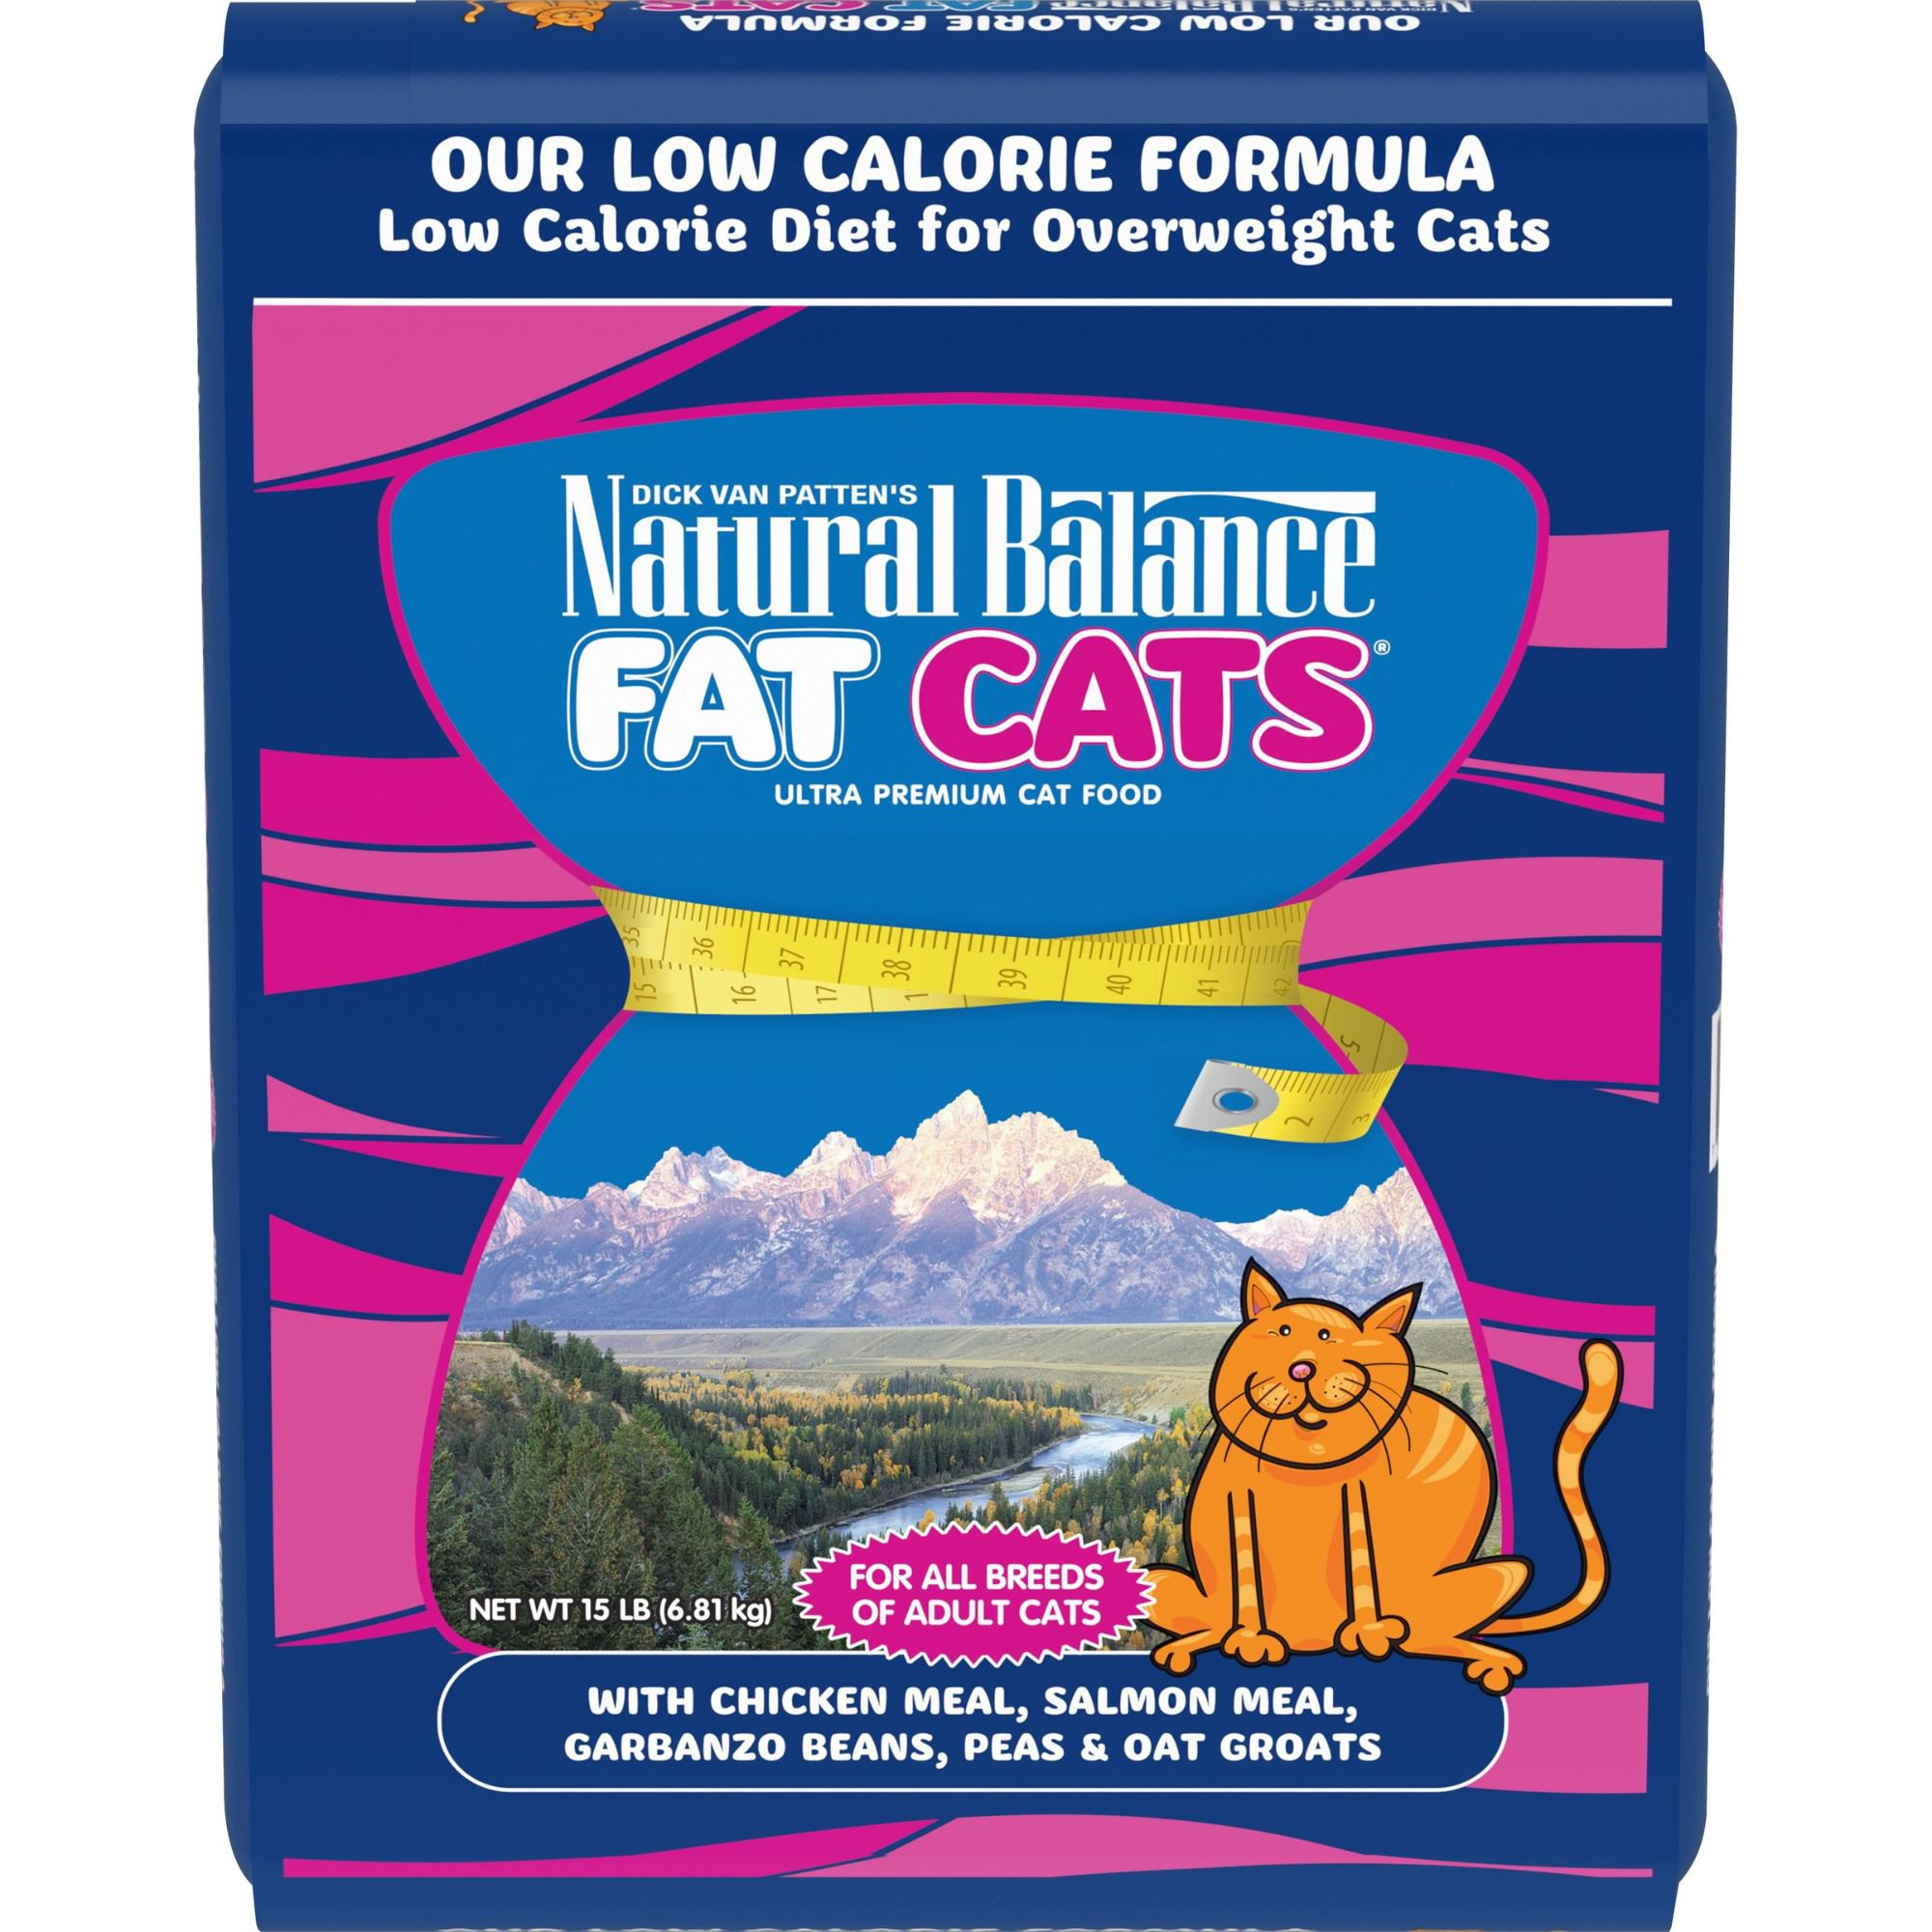 Natural Balance Fat Cats Adult Cat Food